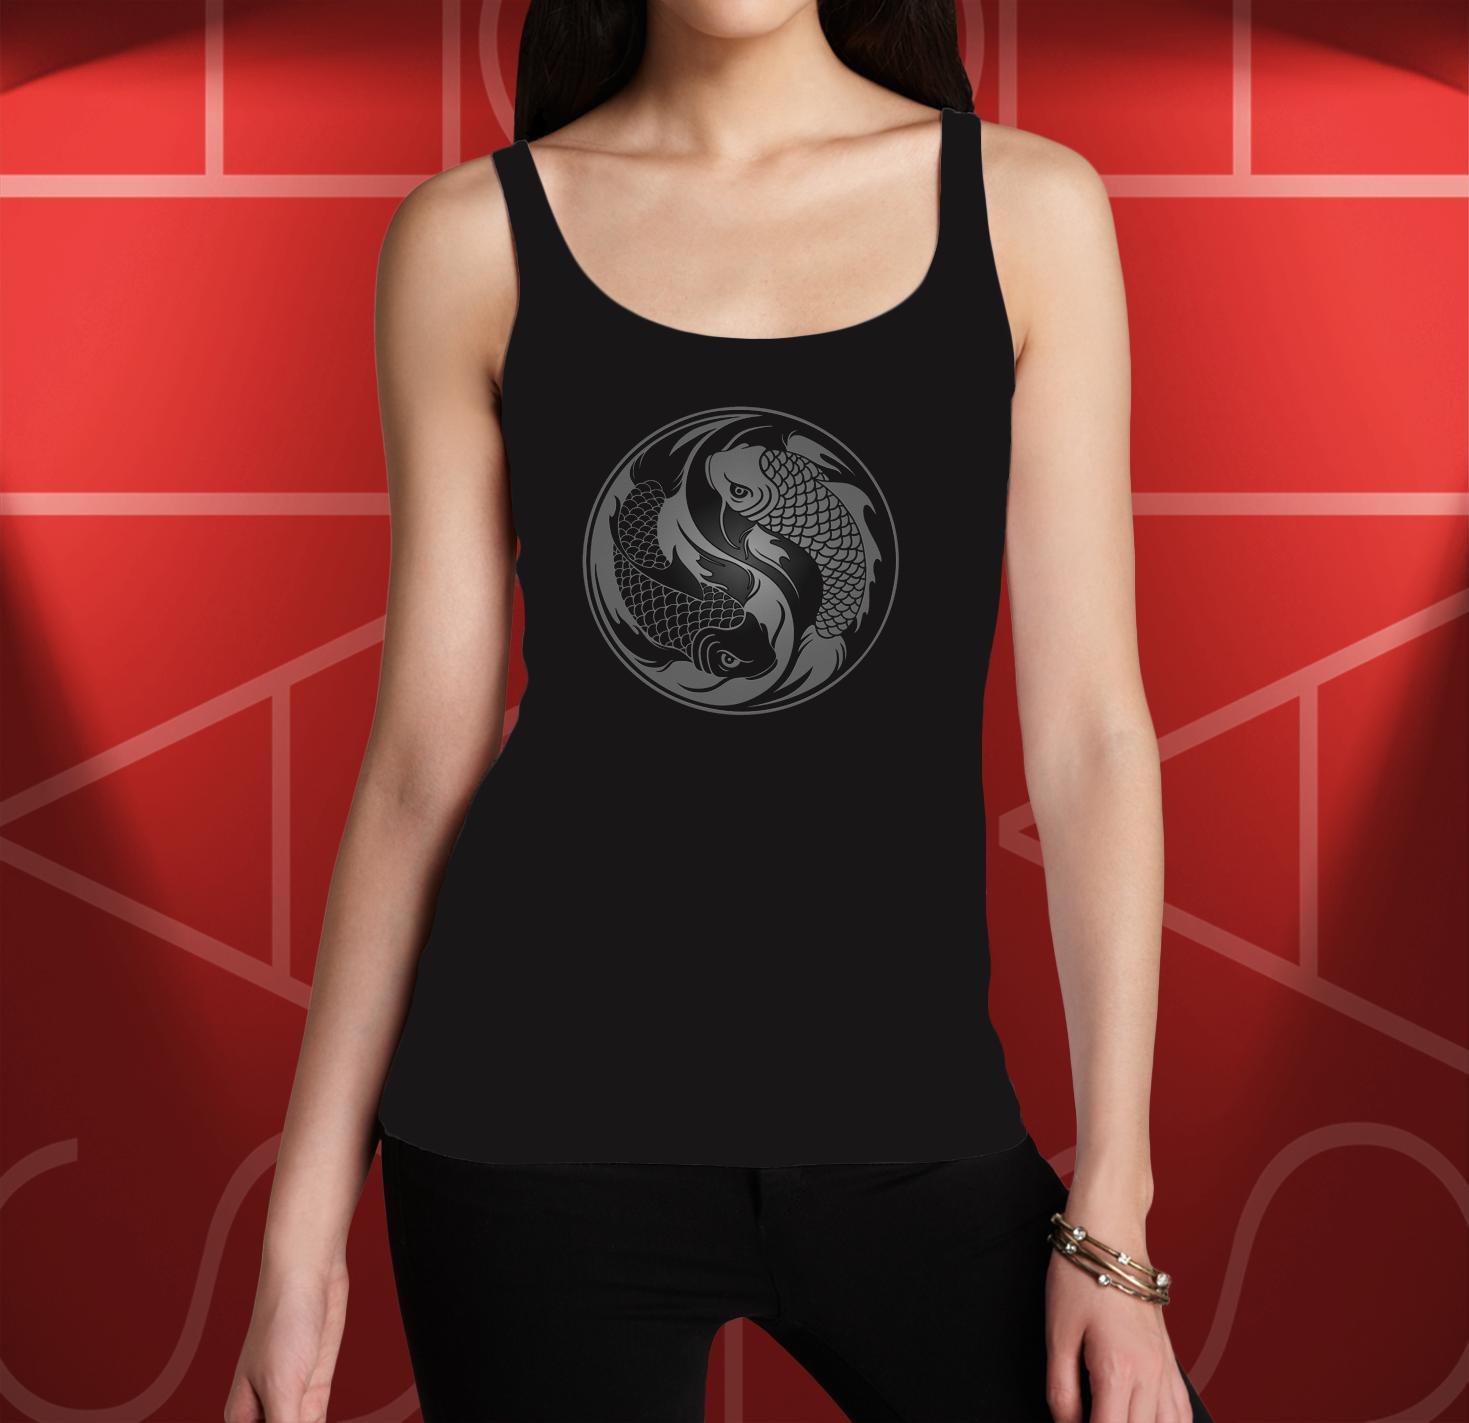 9dde746ba56e0 Koi Ying Yang Women s Graphics Tank Tops on Storenvy